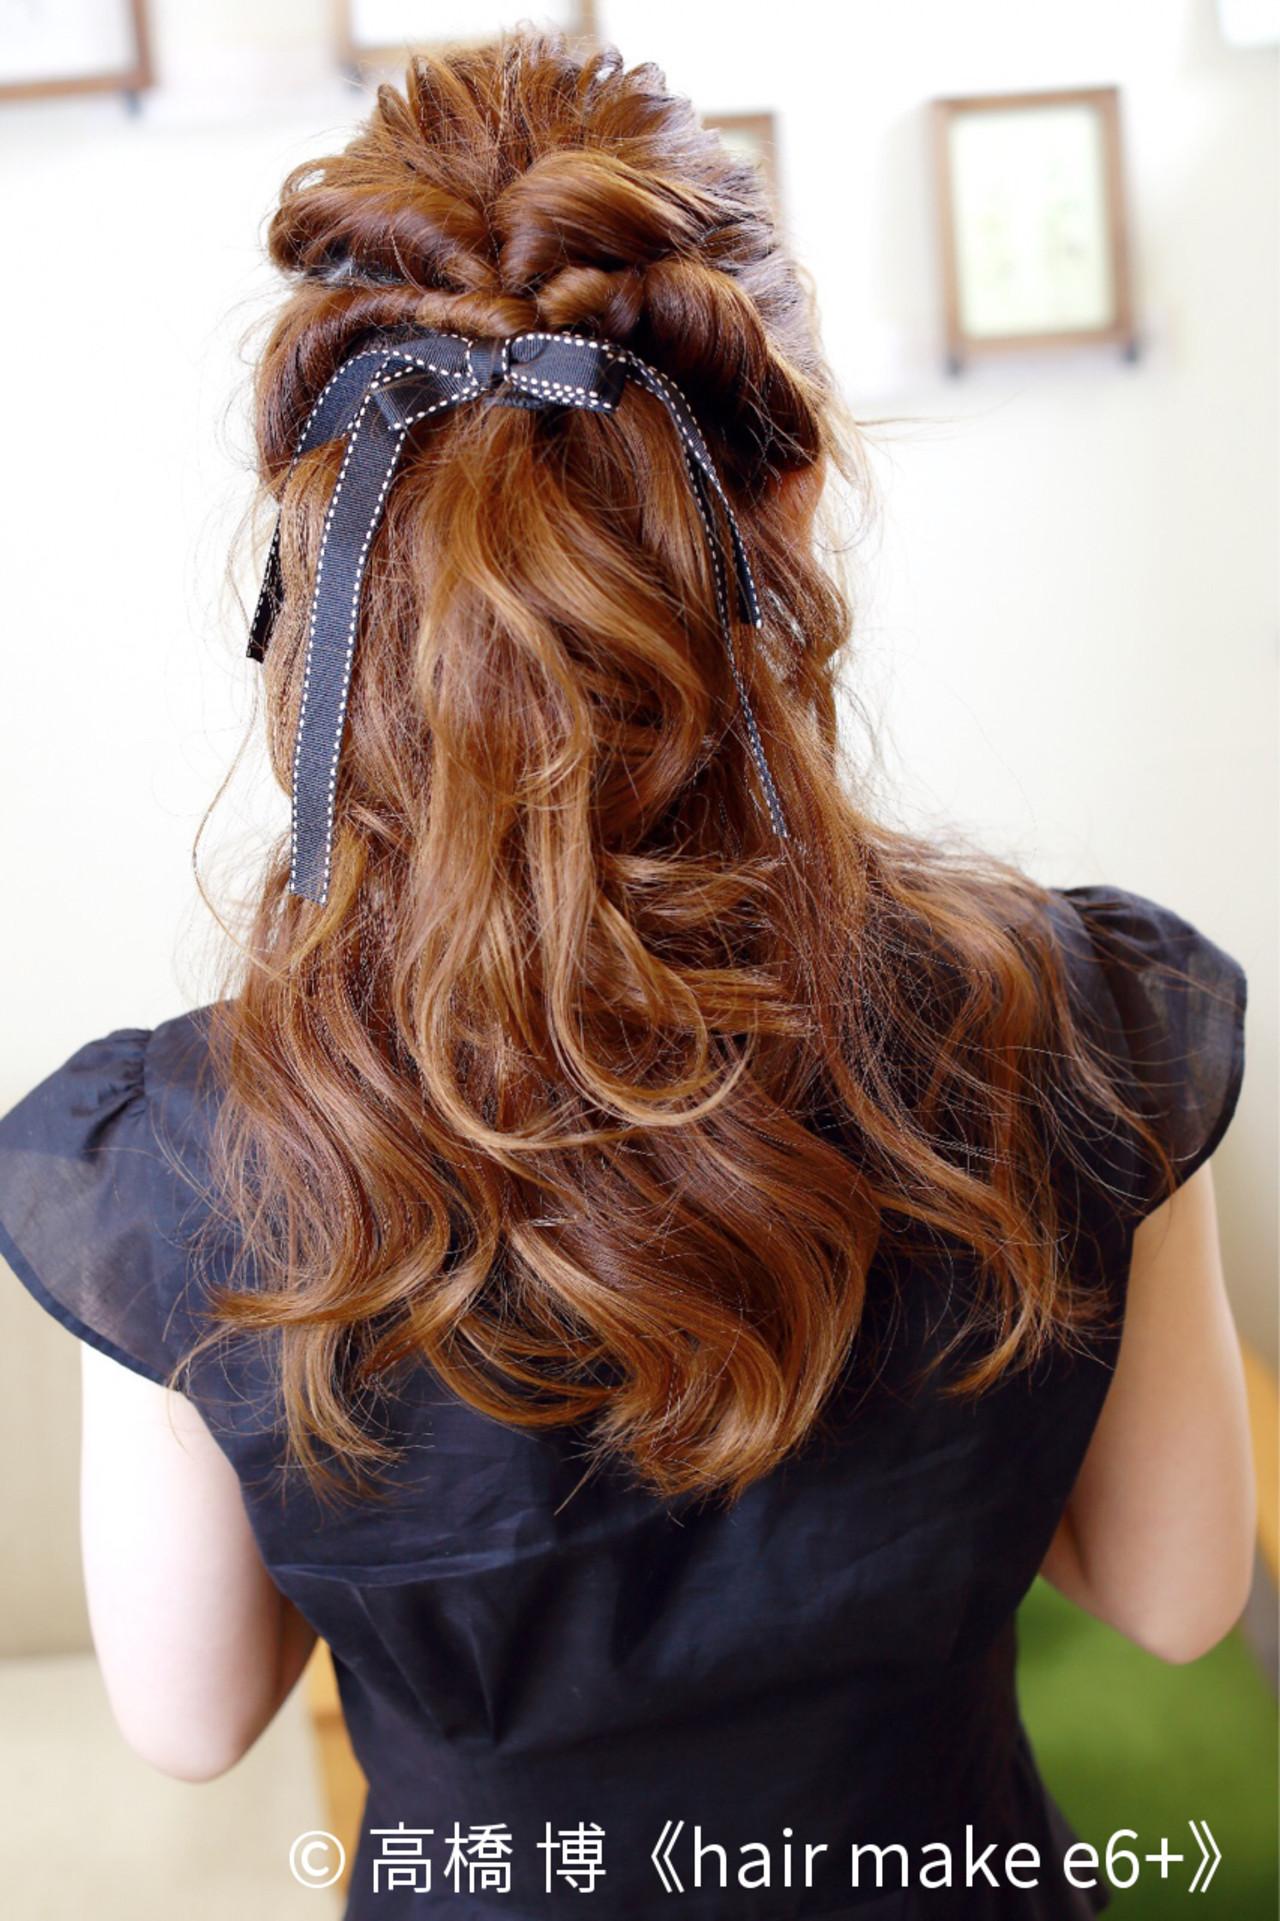 高橋 博《hair make e6+》